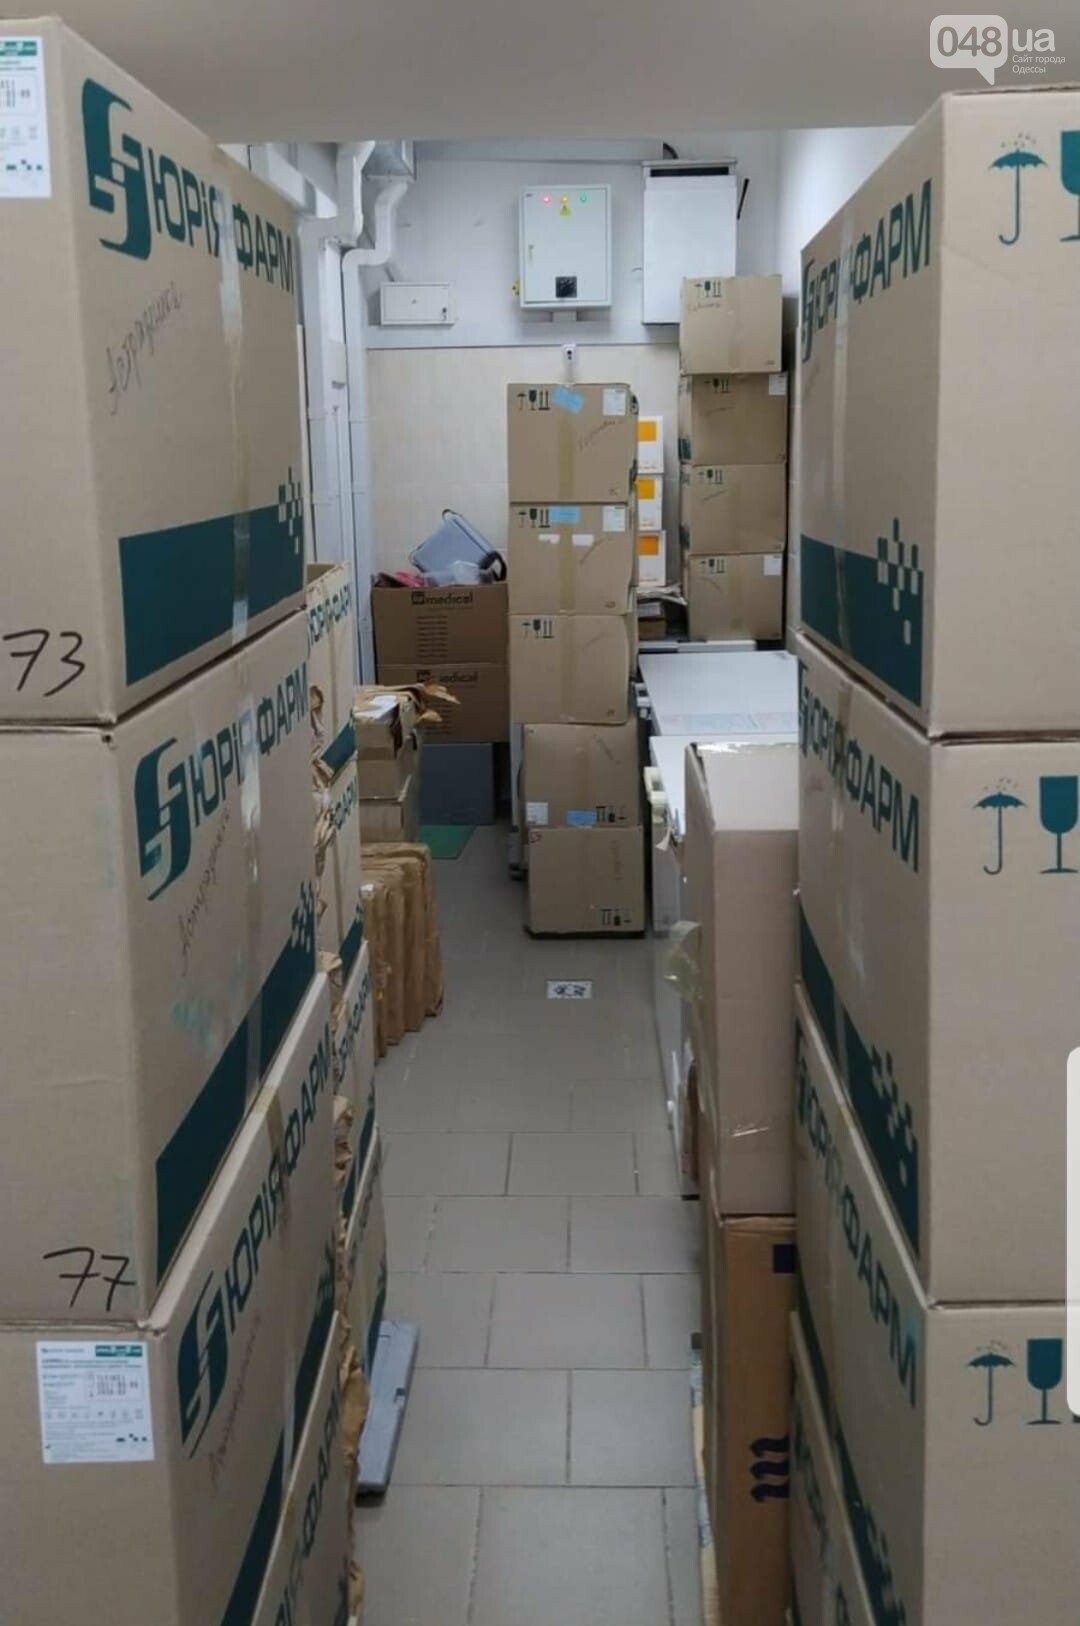 В Одесскую область прибыло более 30 тысяч доз вакцины AstraZeneca, фото-1